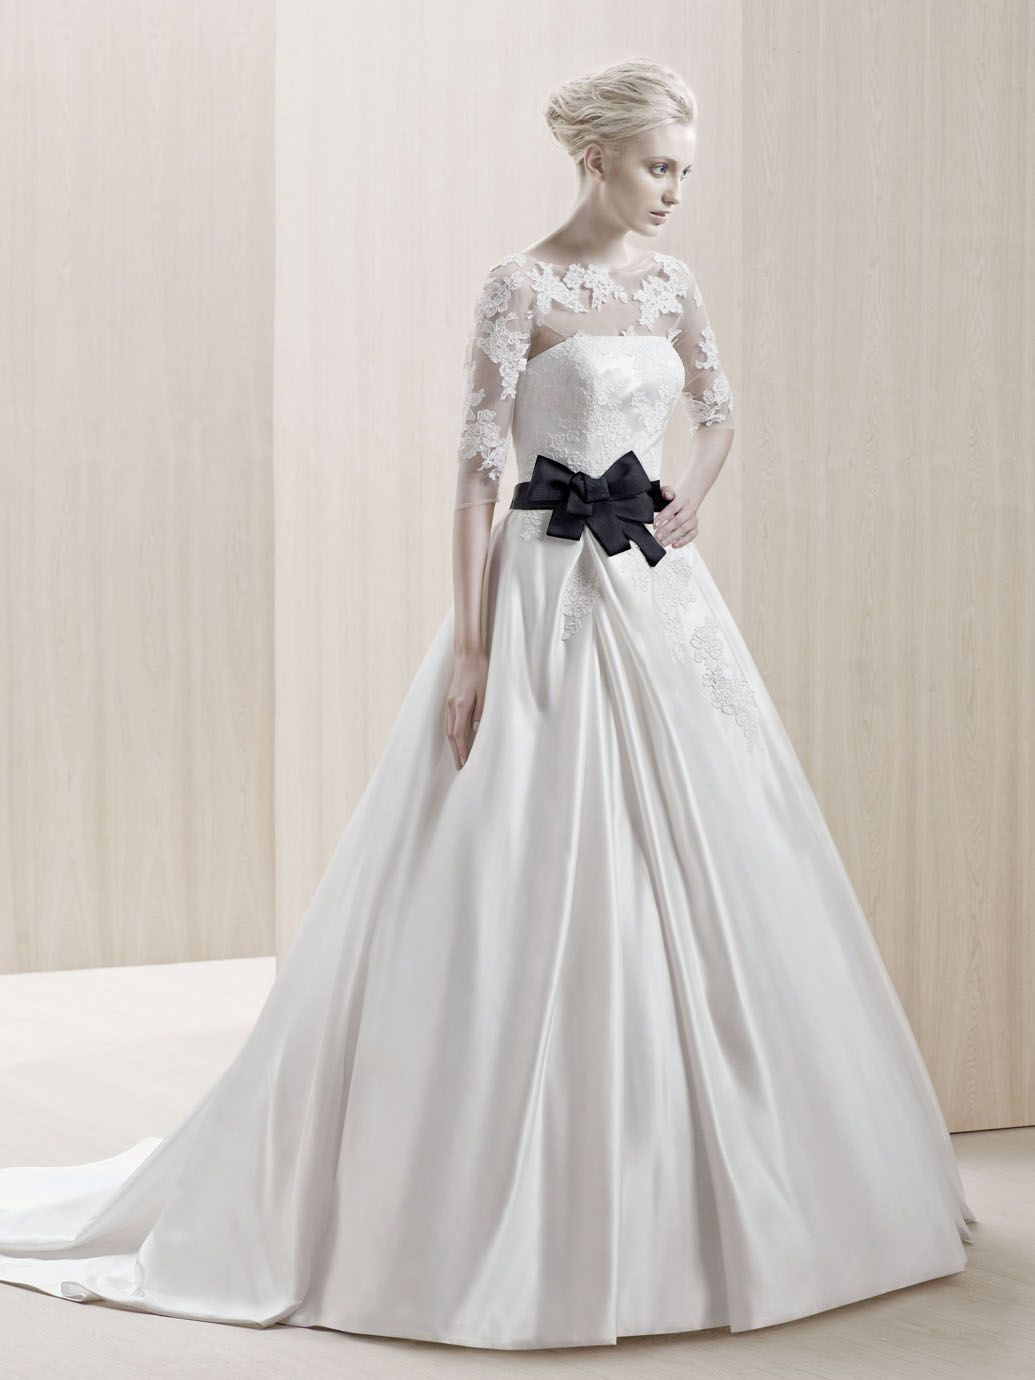 White and blue wedding dresses  Blue Embessa Inner Dress Front  Wedding  Pinterest  Ivory white